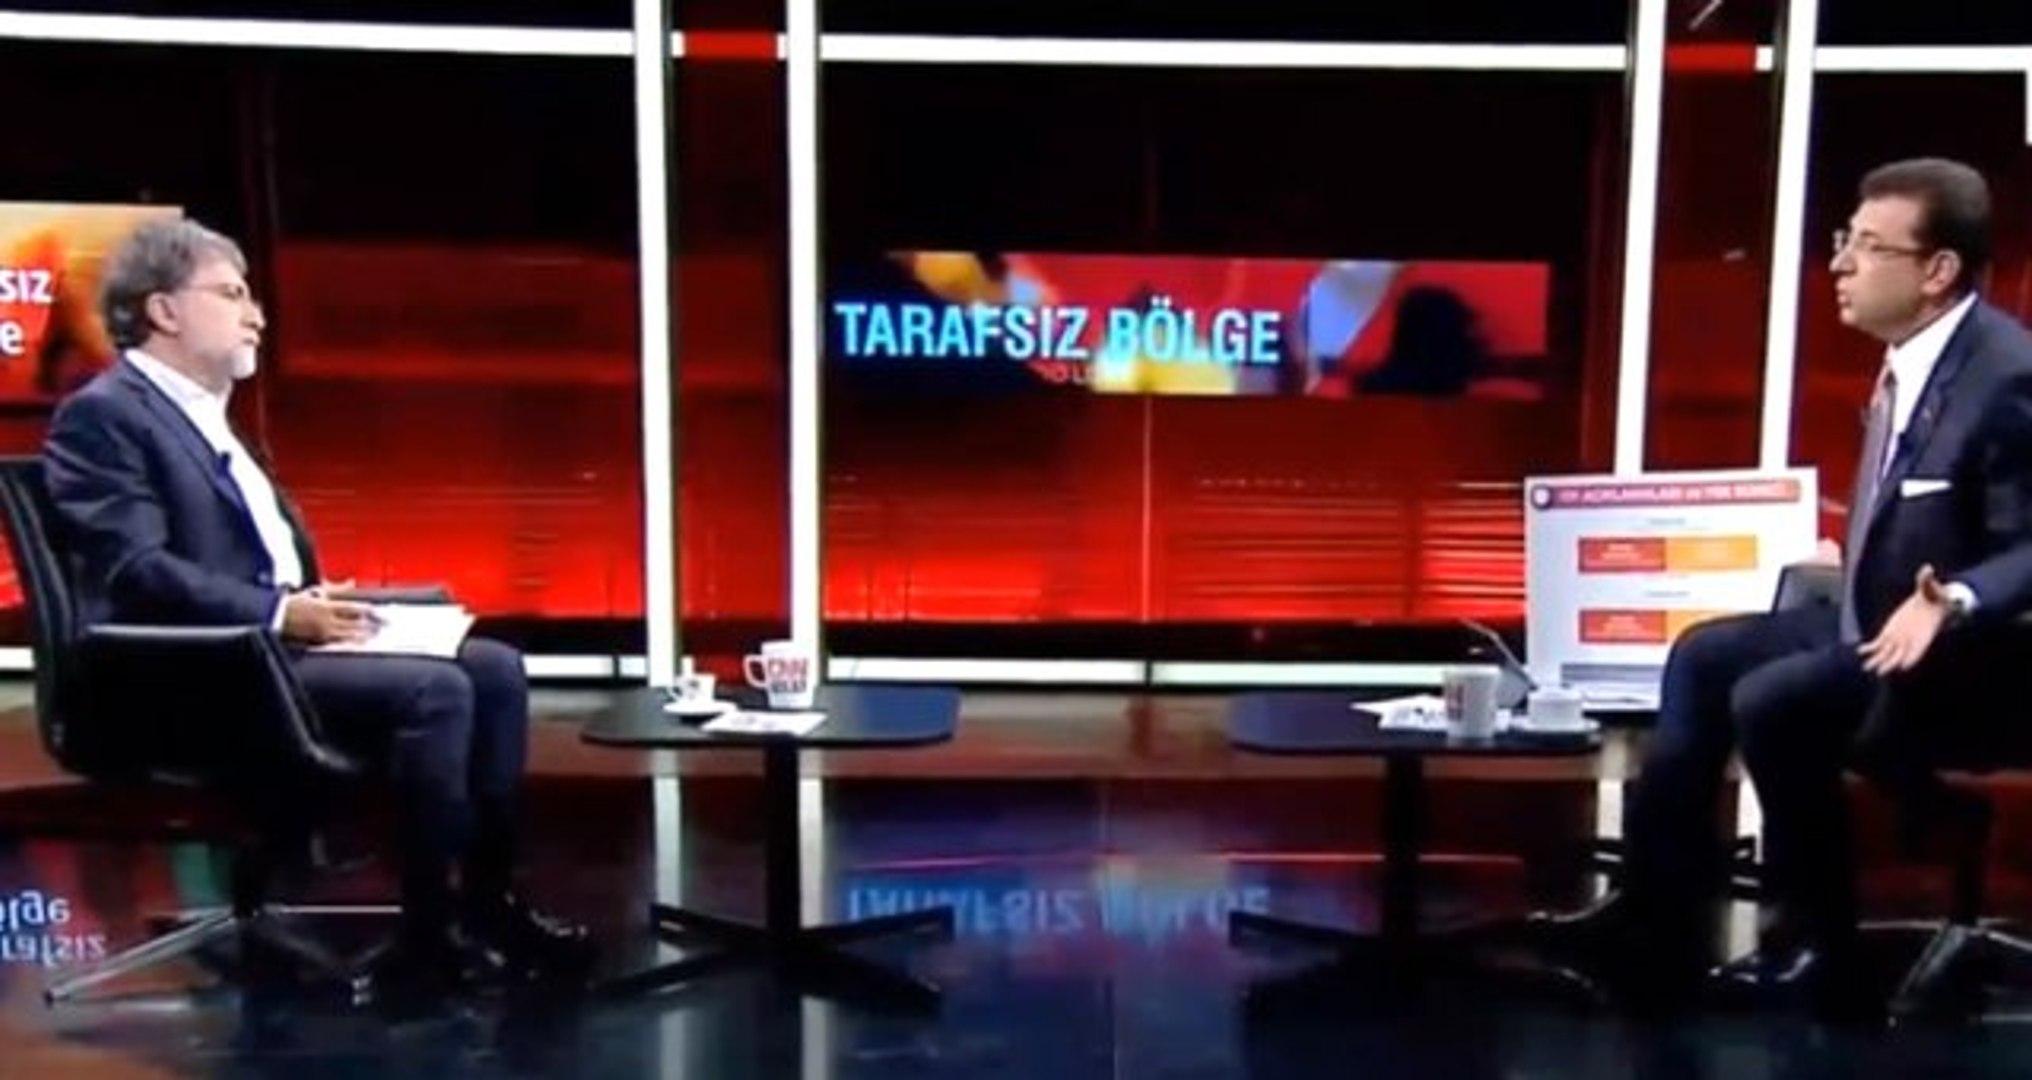 Mehmet Aslan'dan Ekrem İmamoğlu'nun Katıldığı CNN Türk'teki Program Hakkında Çarpıcı